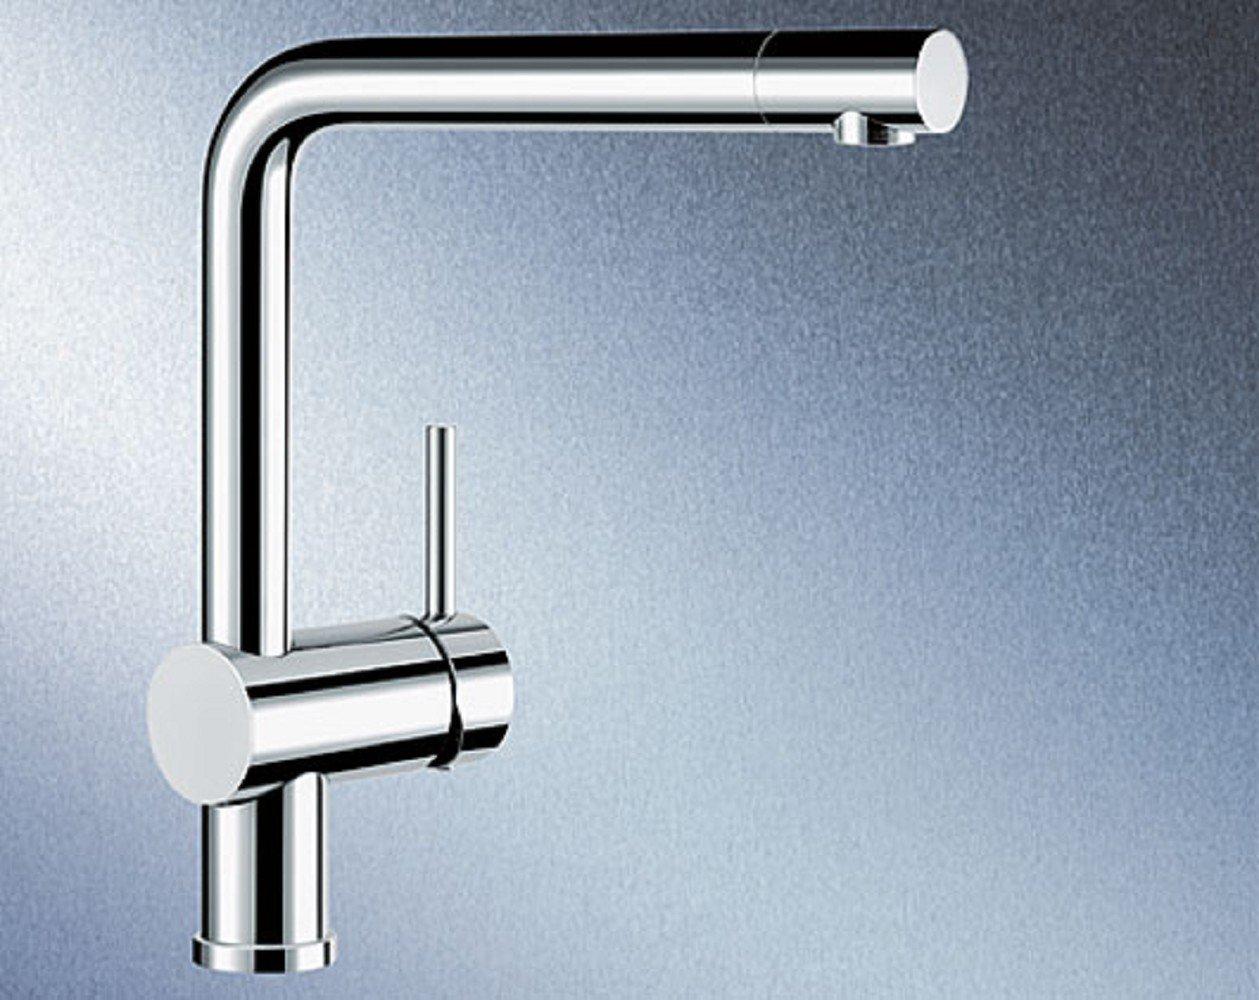 Blanco Linus Chrom Einhebelmischer Niederdruck KüchenArmatur Wasserhahn Spüle  BaumarktKundenbewertung und Beschreibung